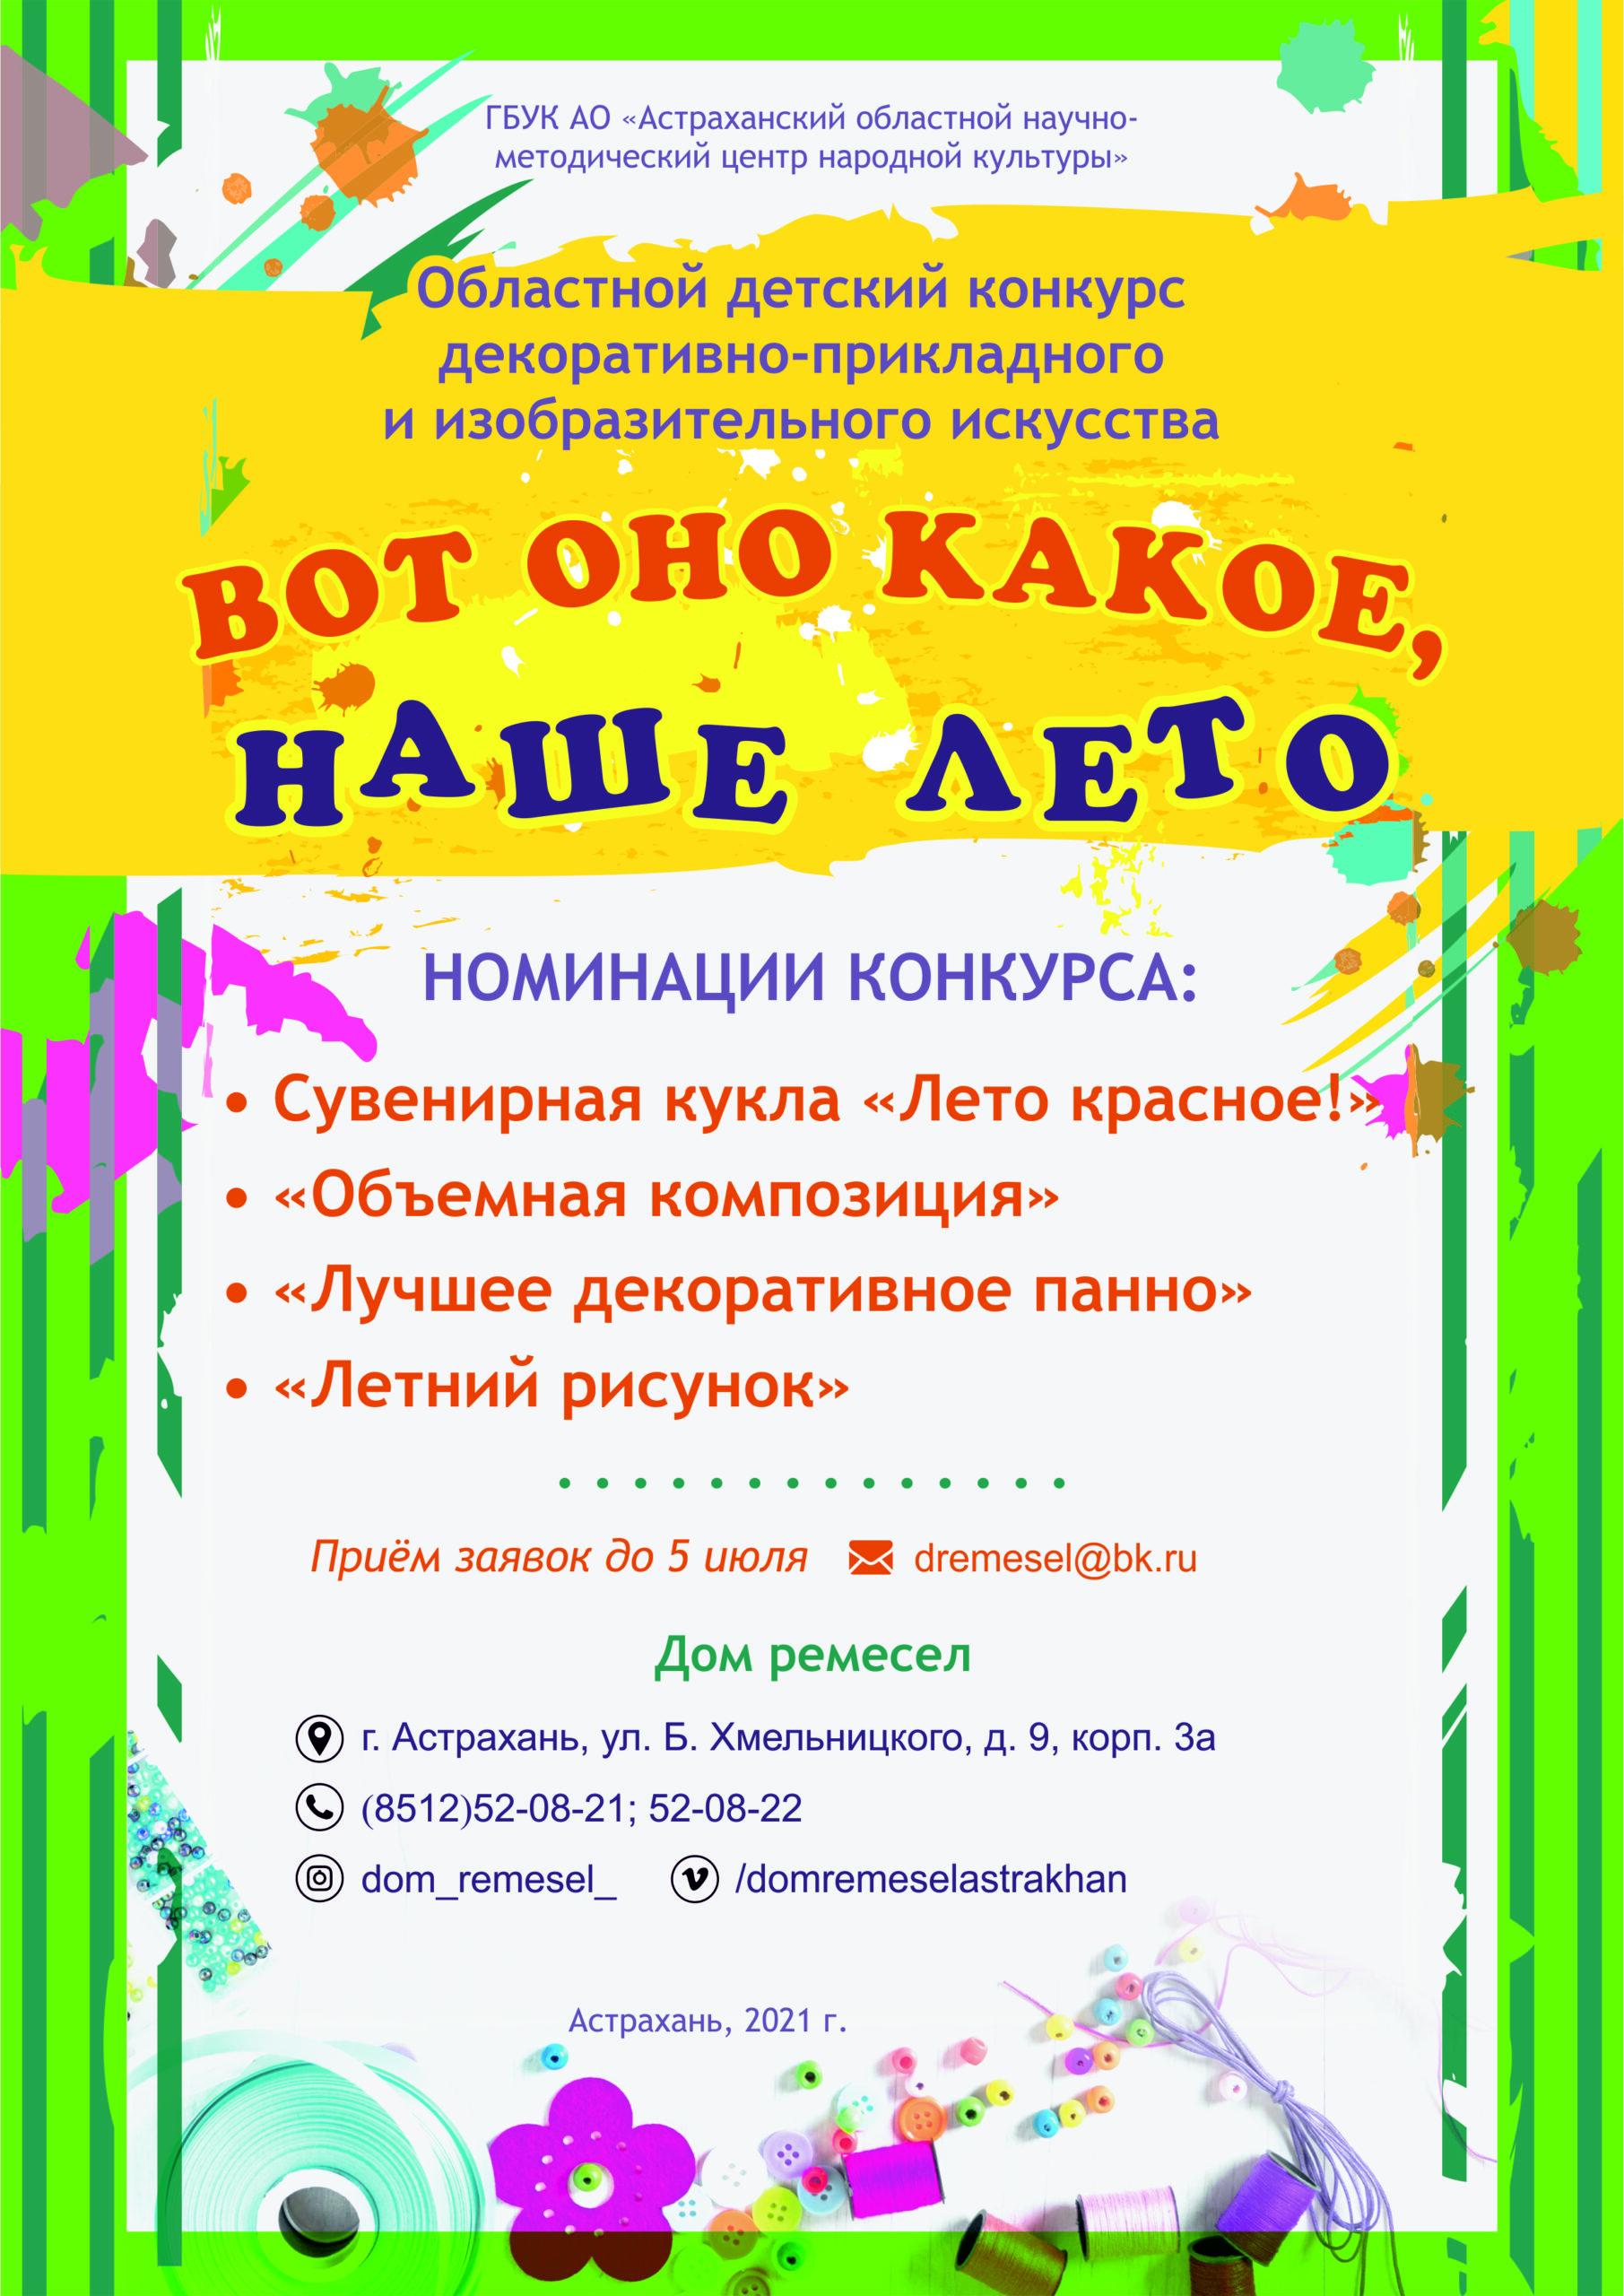 Дом ремесел открывает прием заявок на детский конкурс ДПИ «Вот оно какое, наше лето»